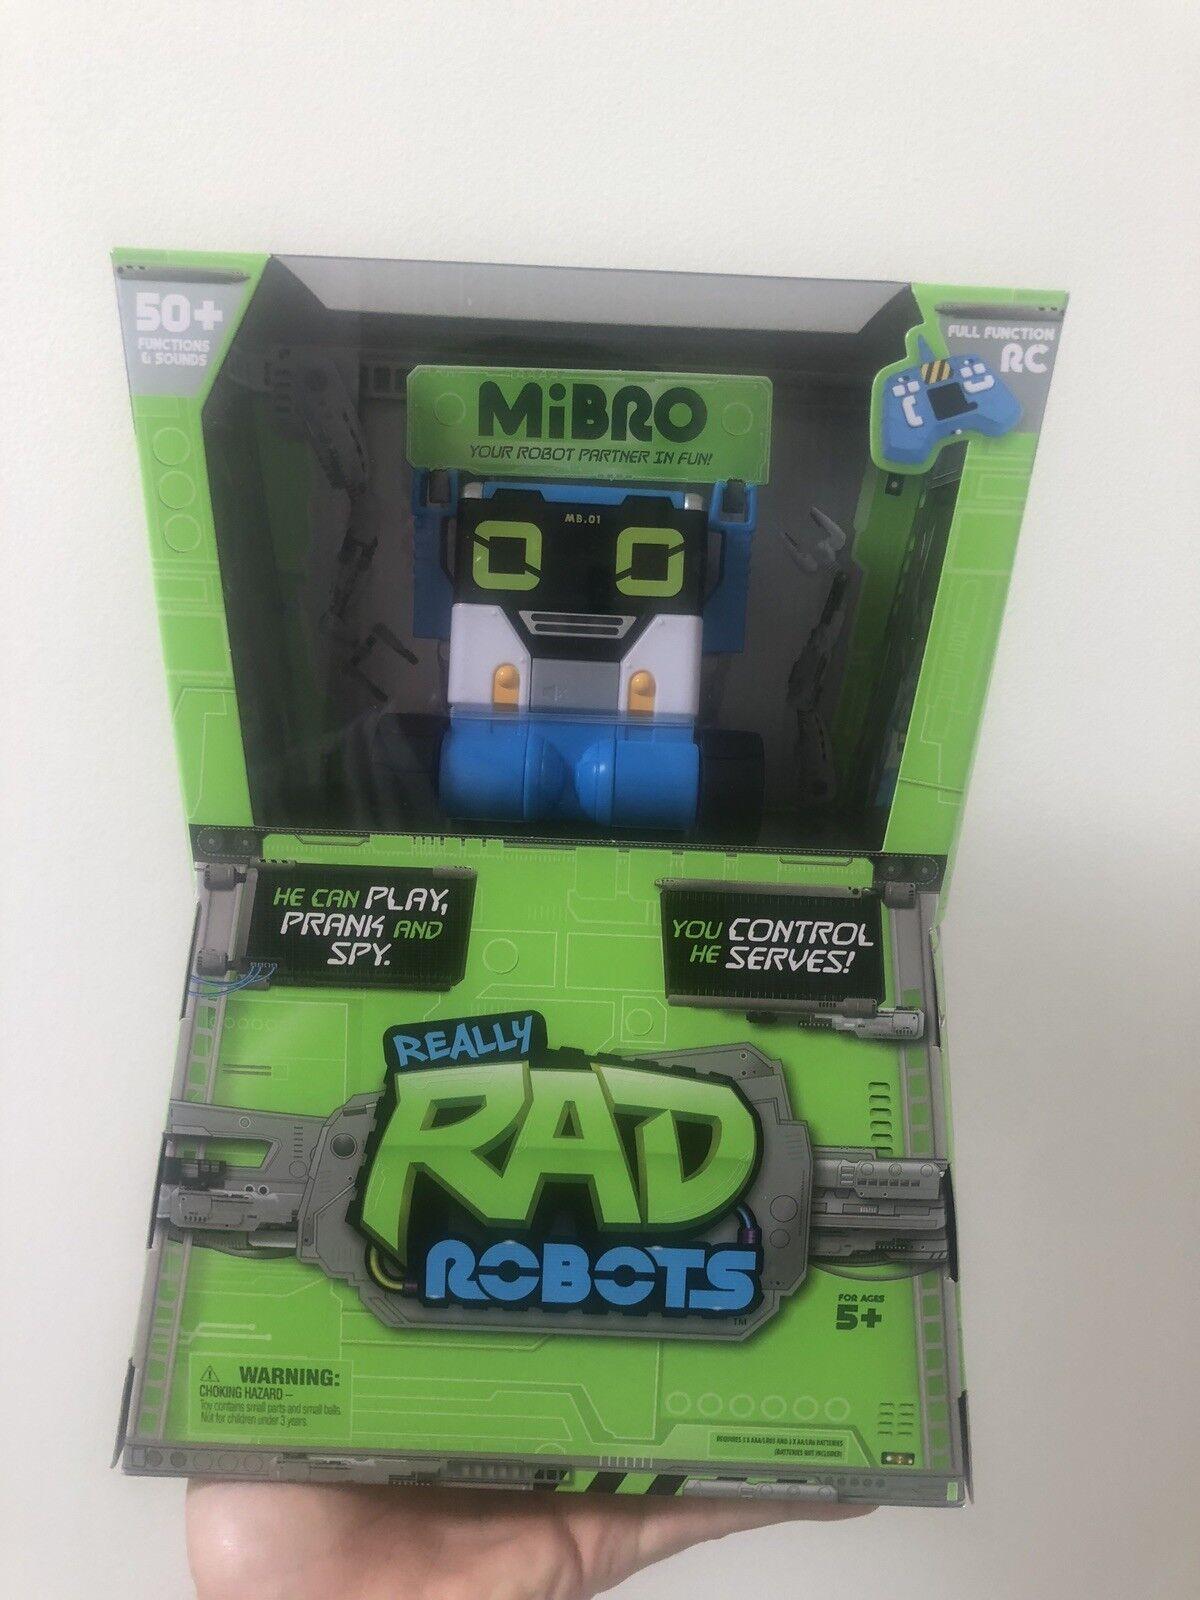 RC Retuttiy Rad Robots-MiBro  Remote Control RC Robot  negozio online